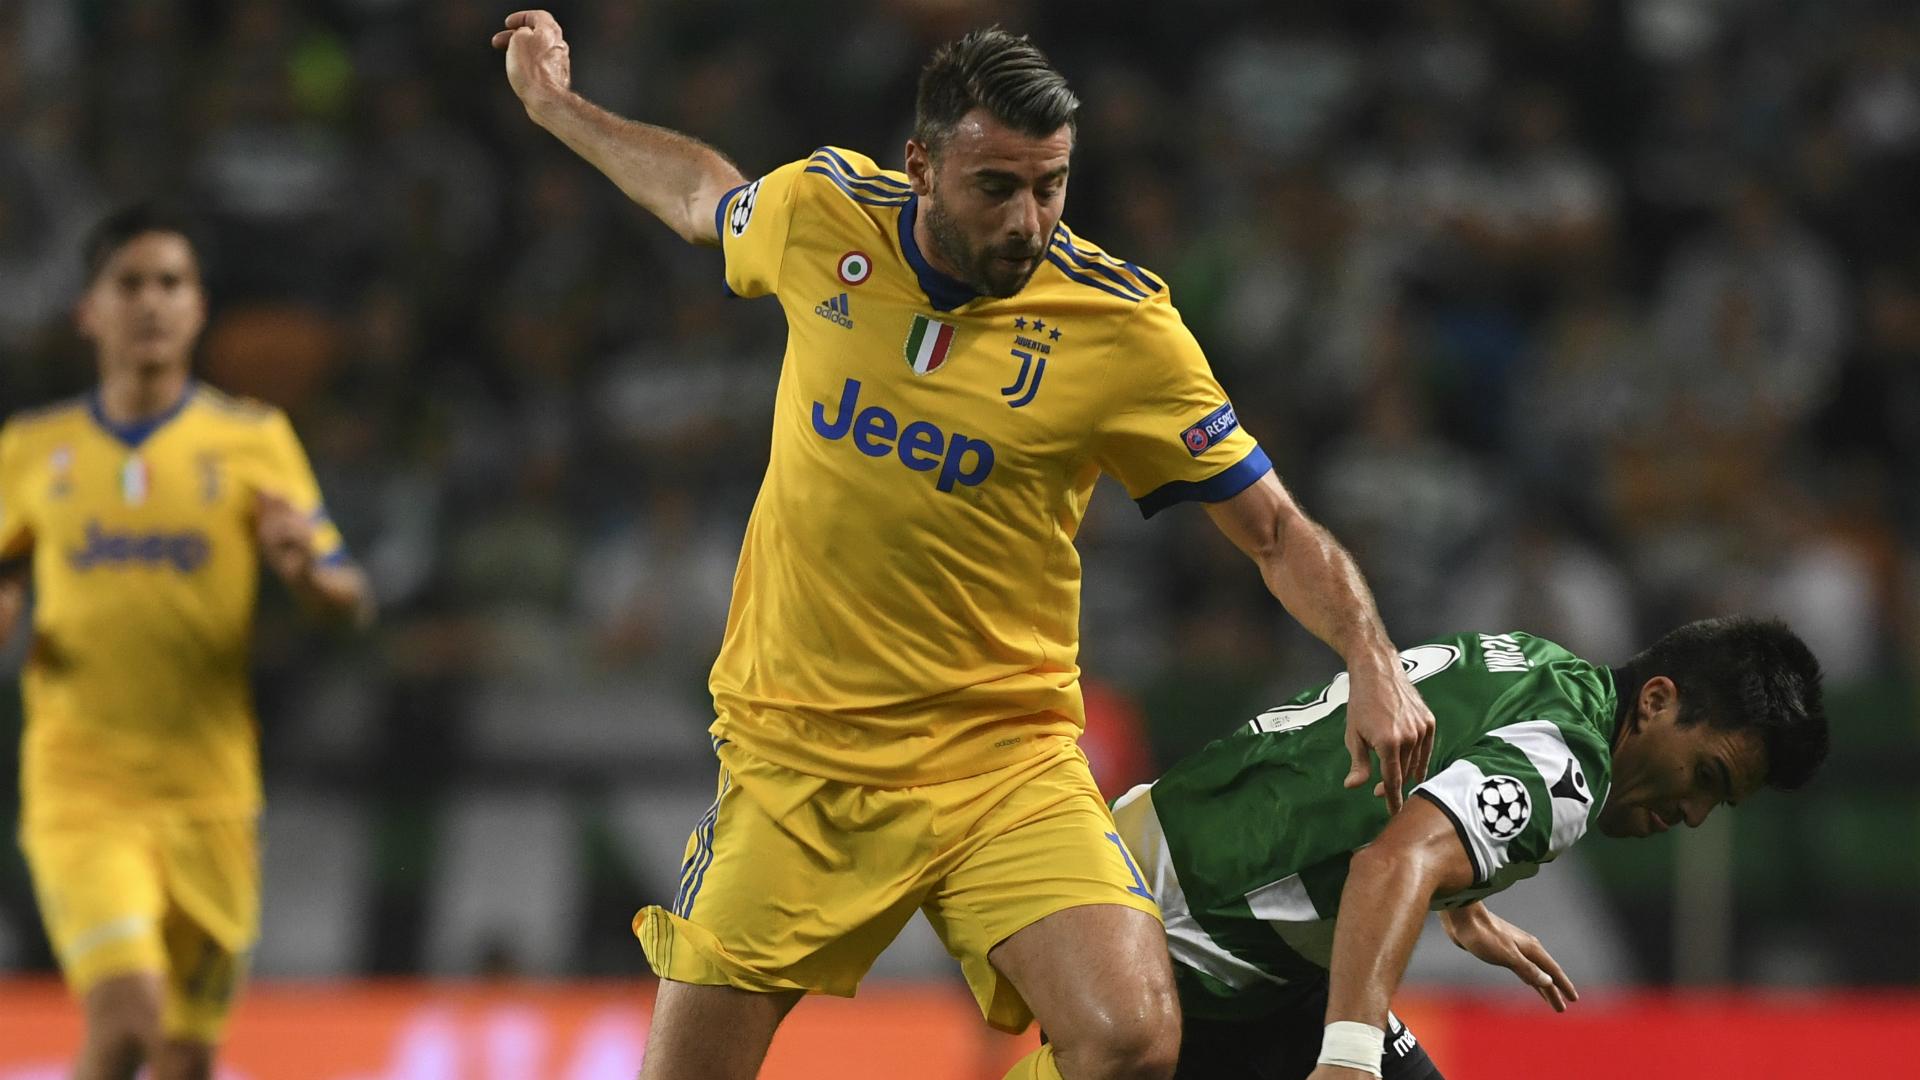 Juve, Barzagli a un passo dal rinnovo di contratto